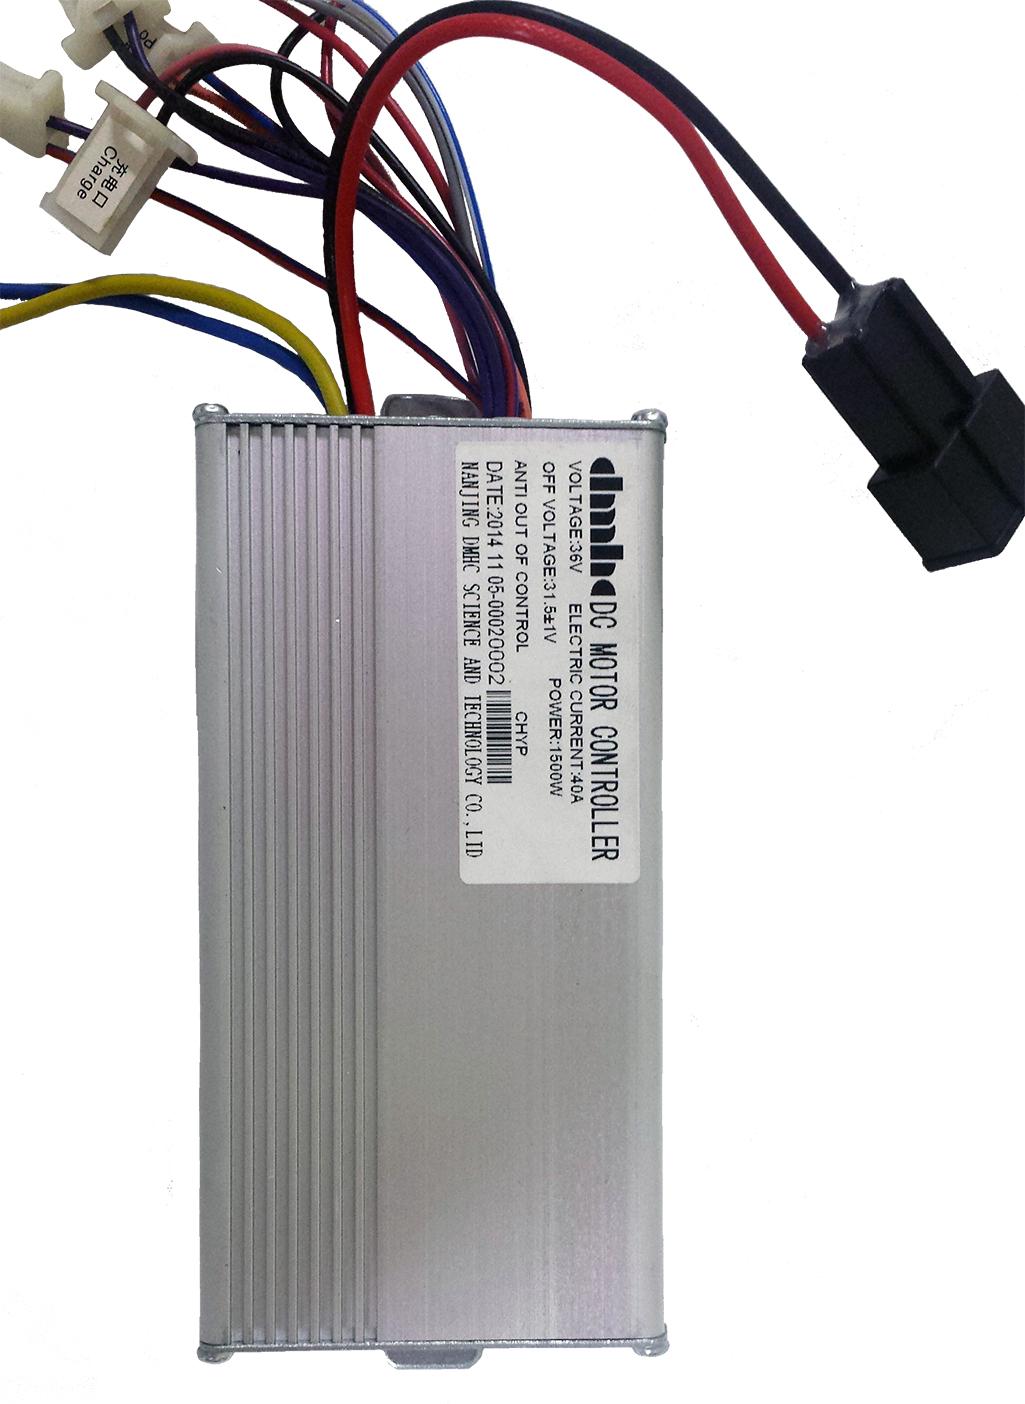 Hi-Tech 1500watt 40a Smart Controller Box